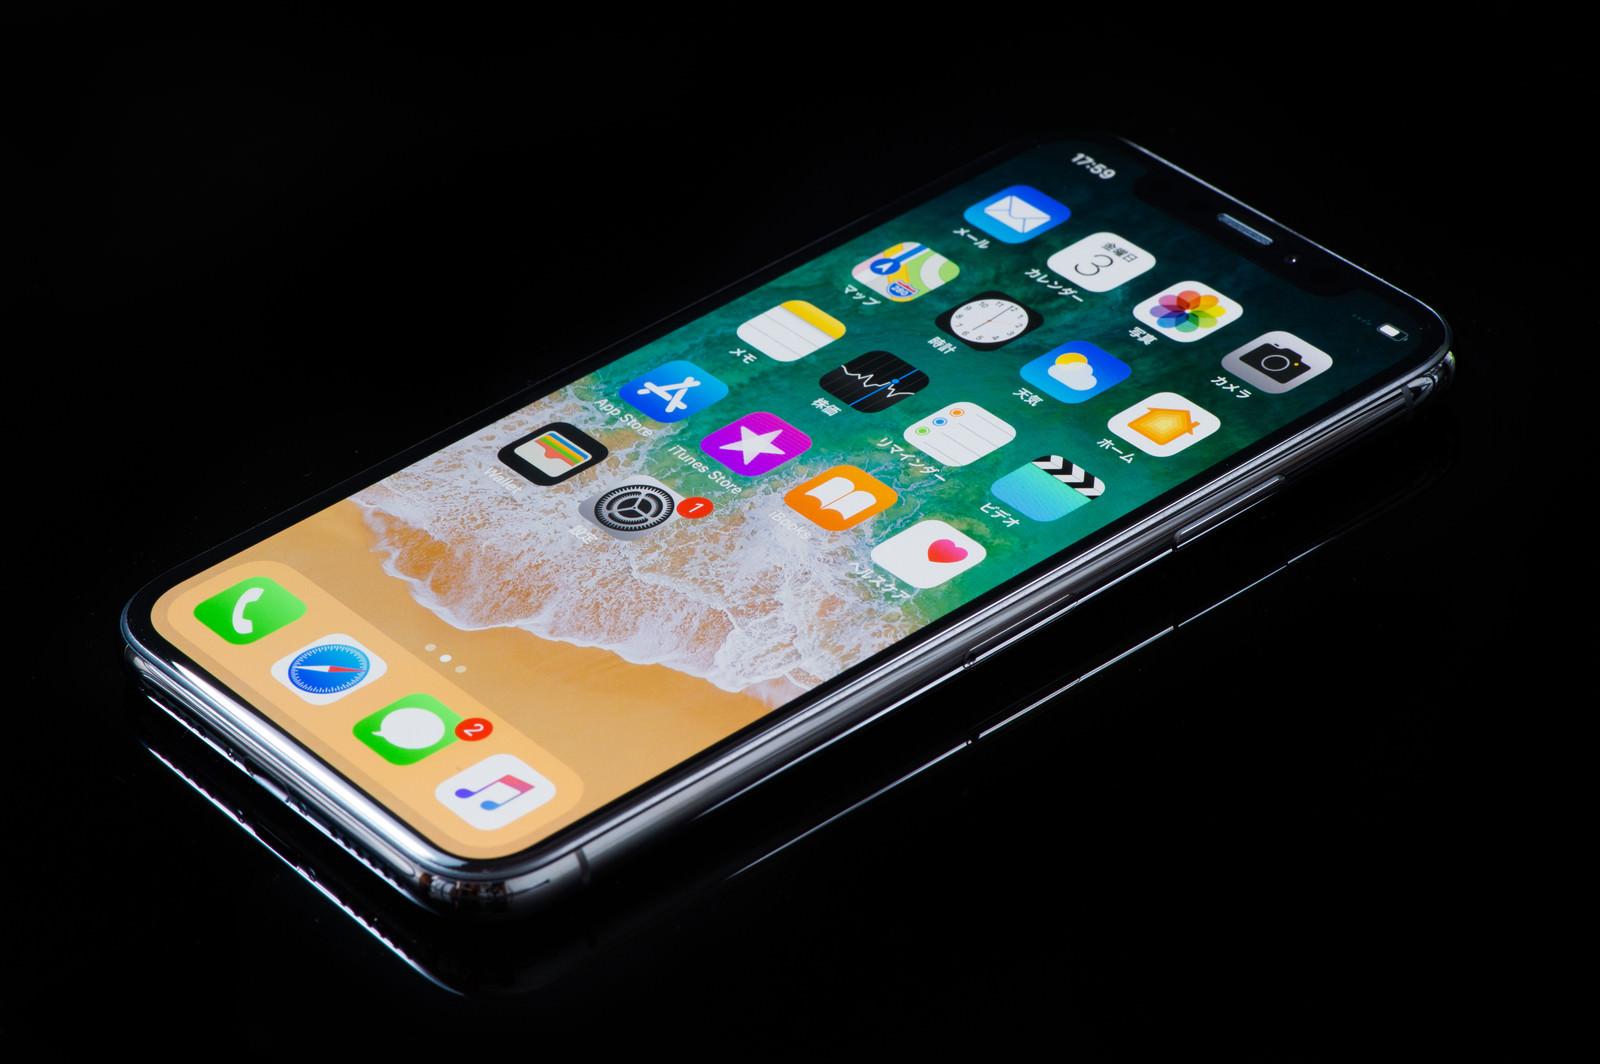 「5.8インチディスプレイのiPhone X」の写真